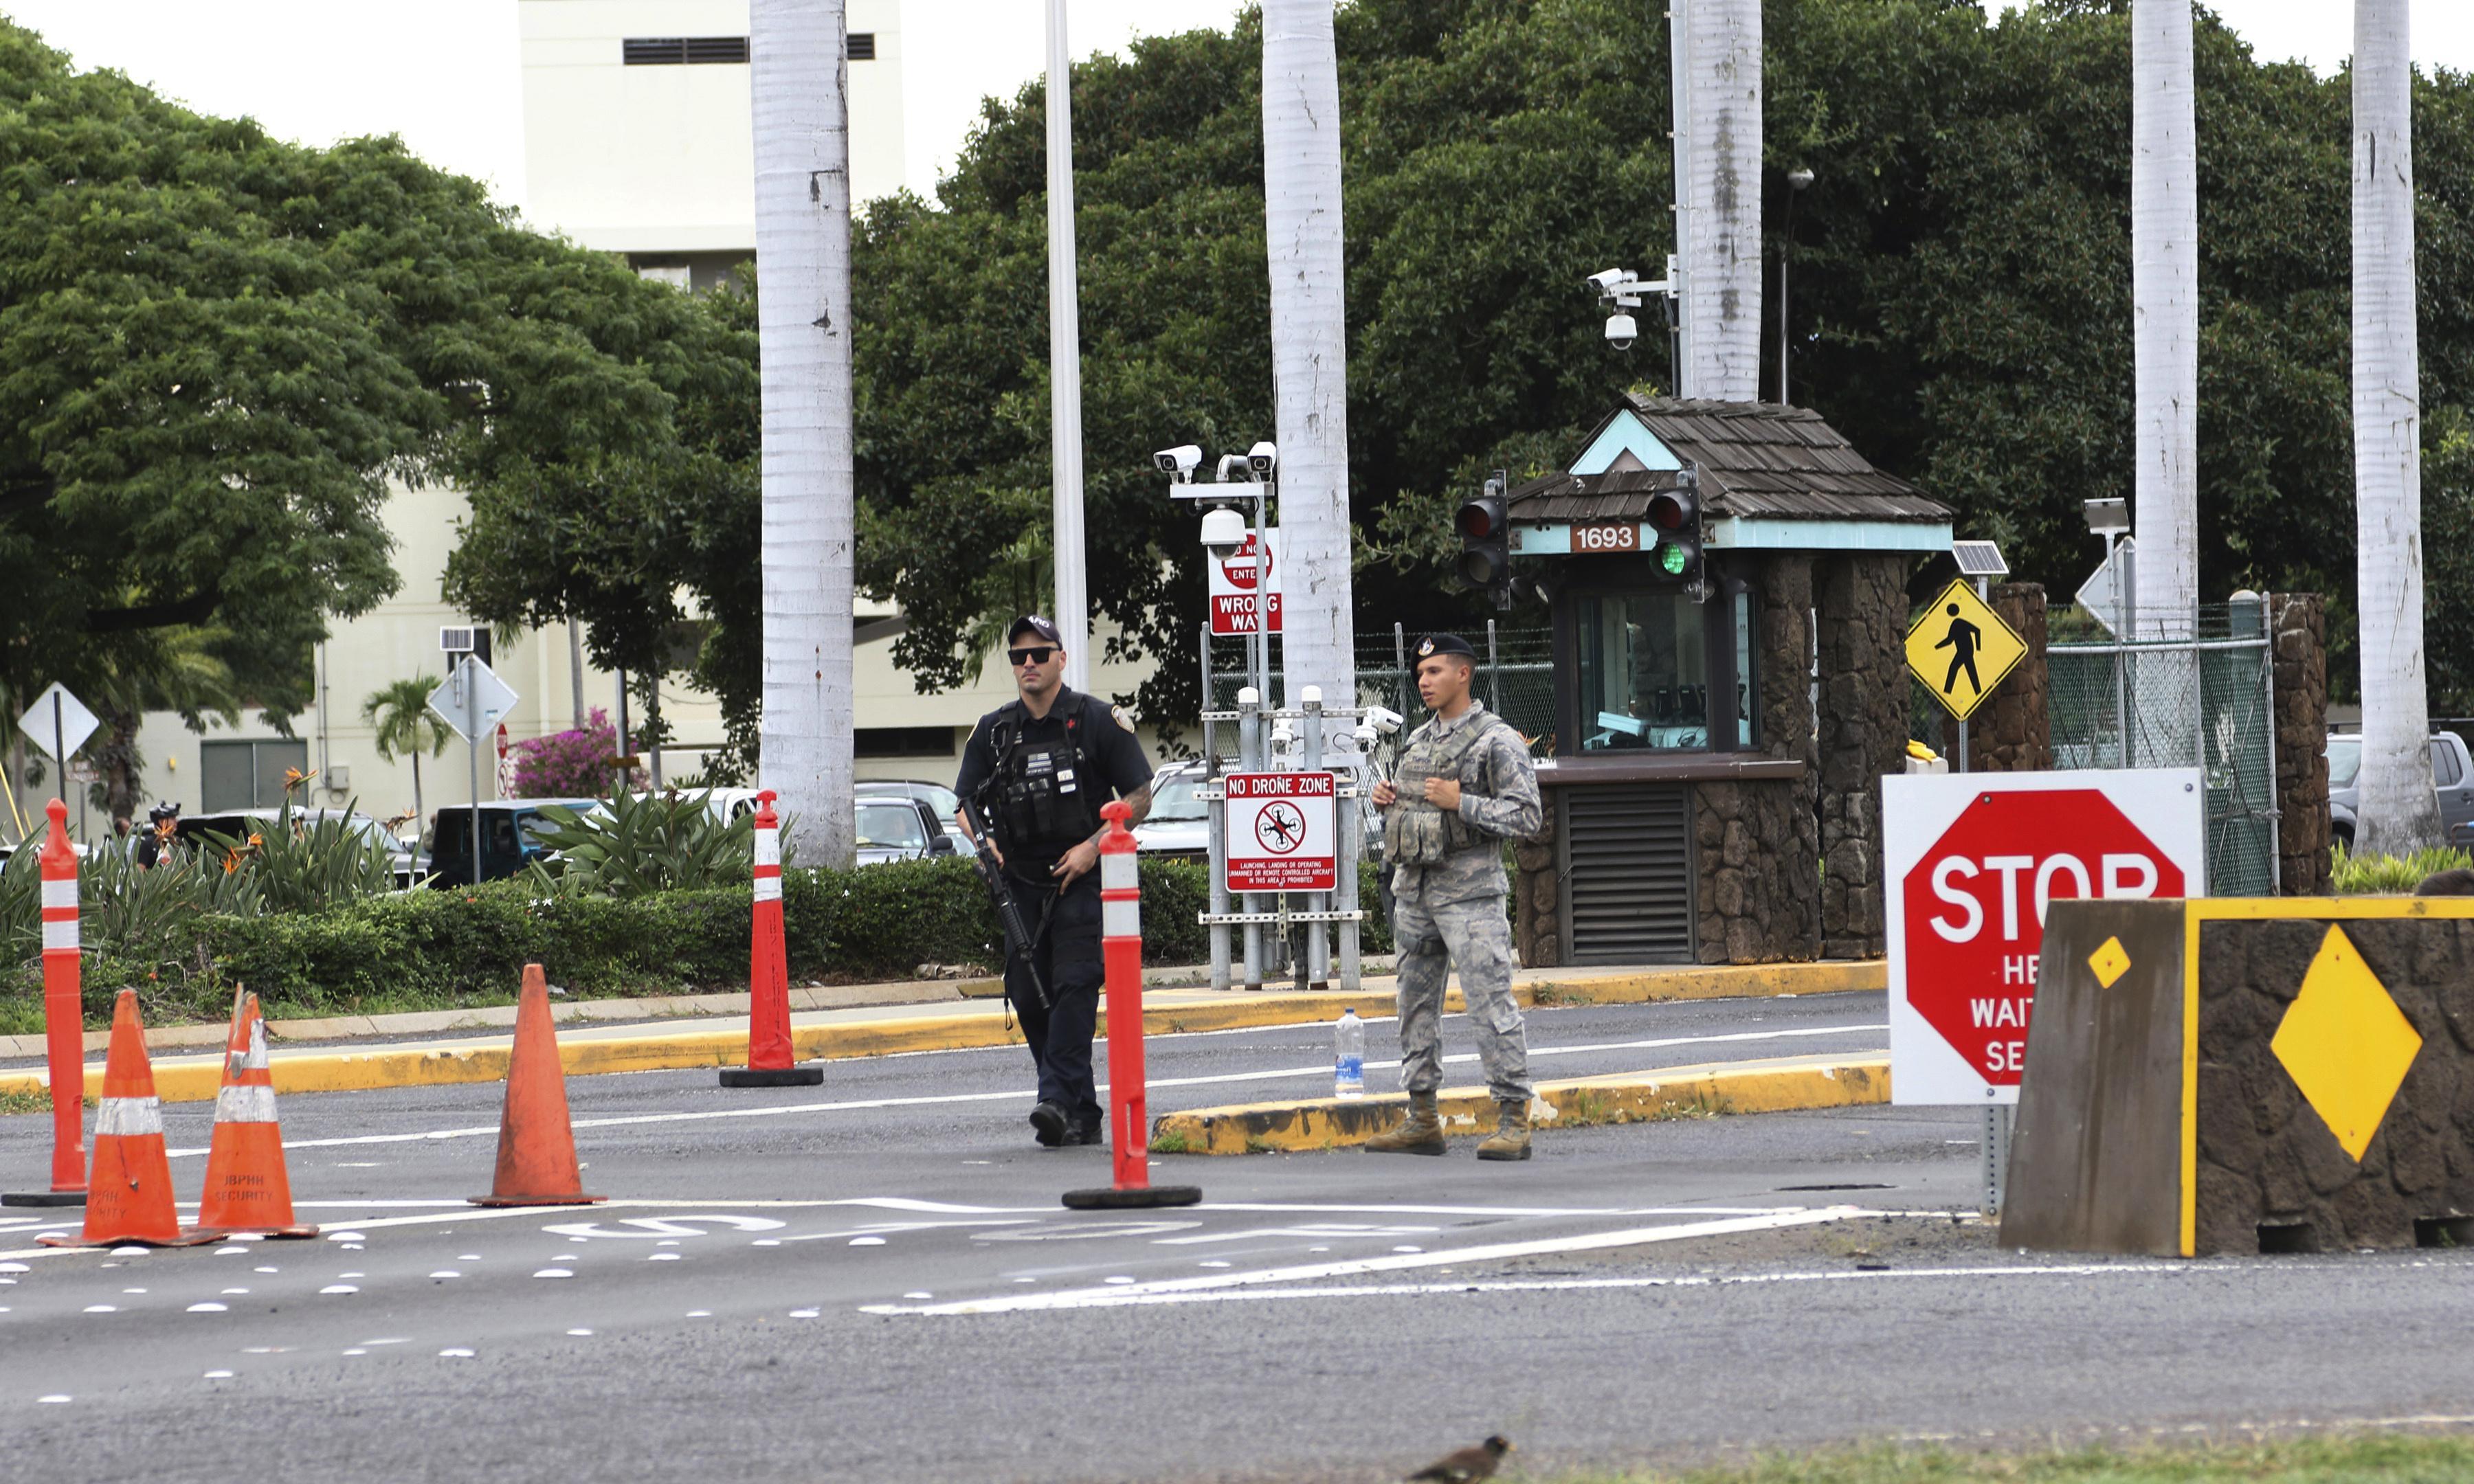 Pearl Harbor shooting: US sailor kills two civilians and injures third at military base